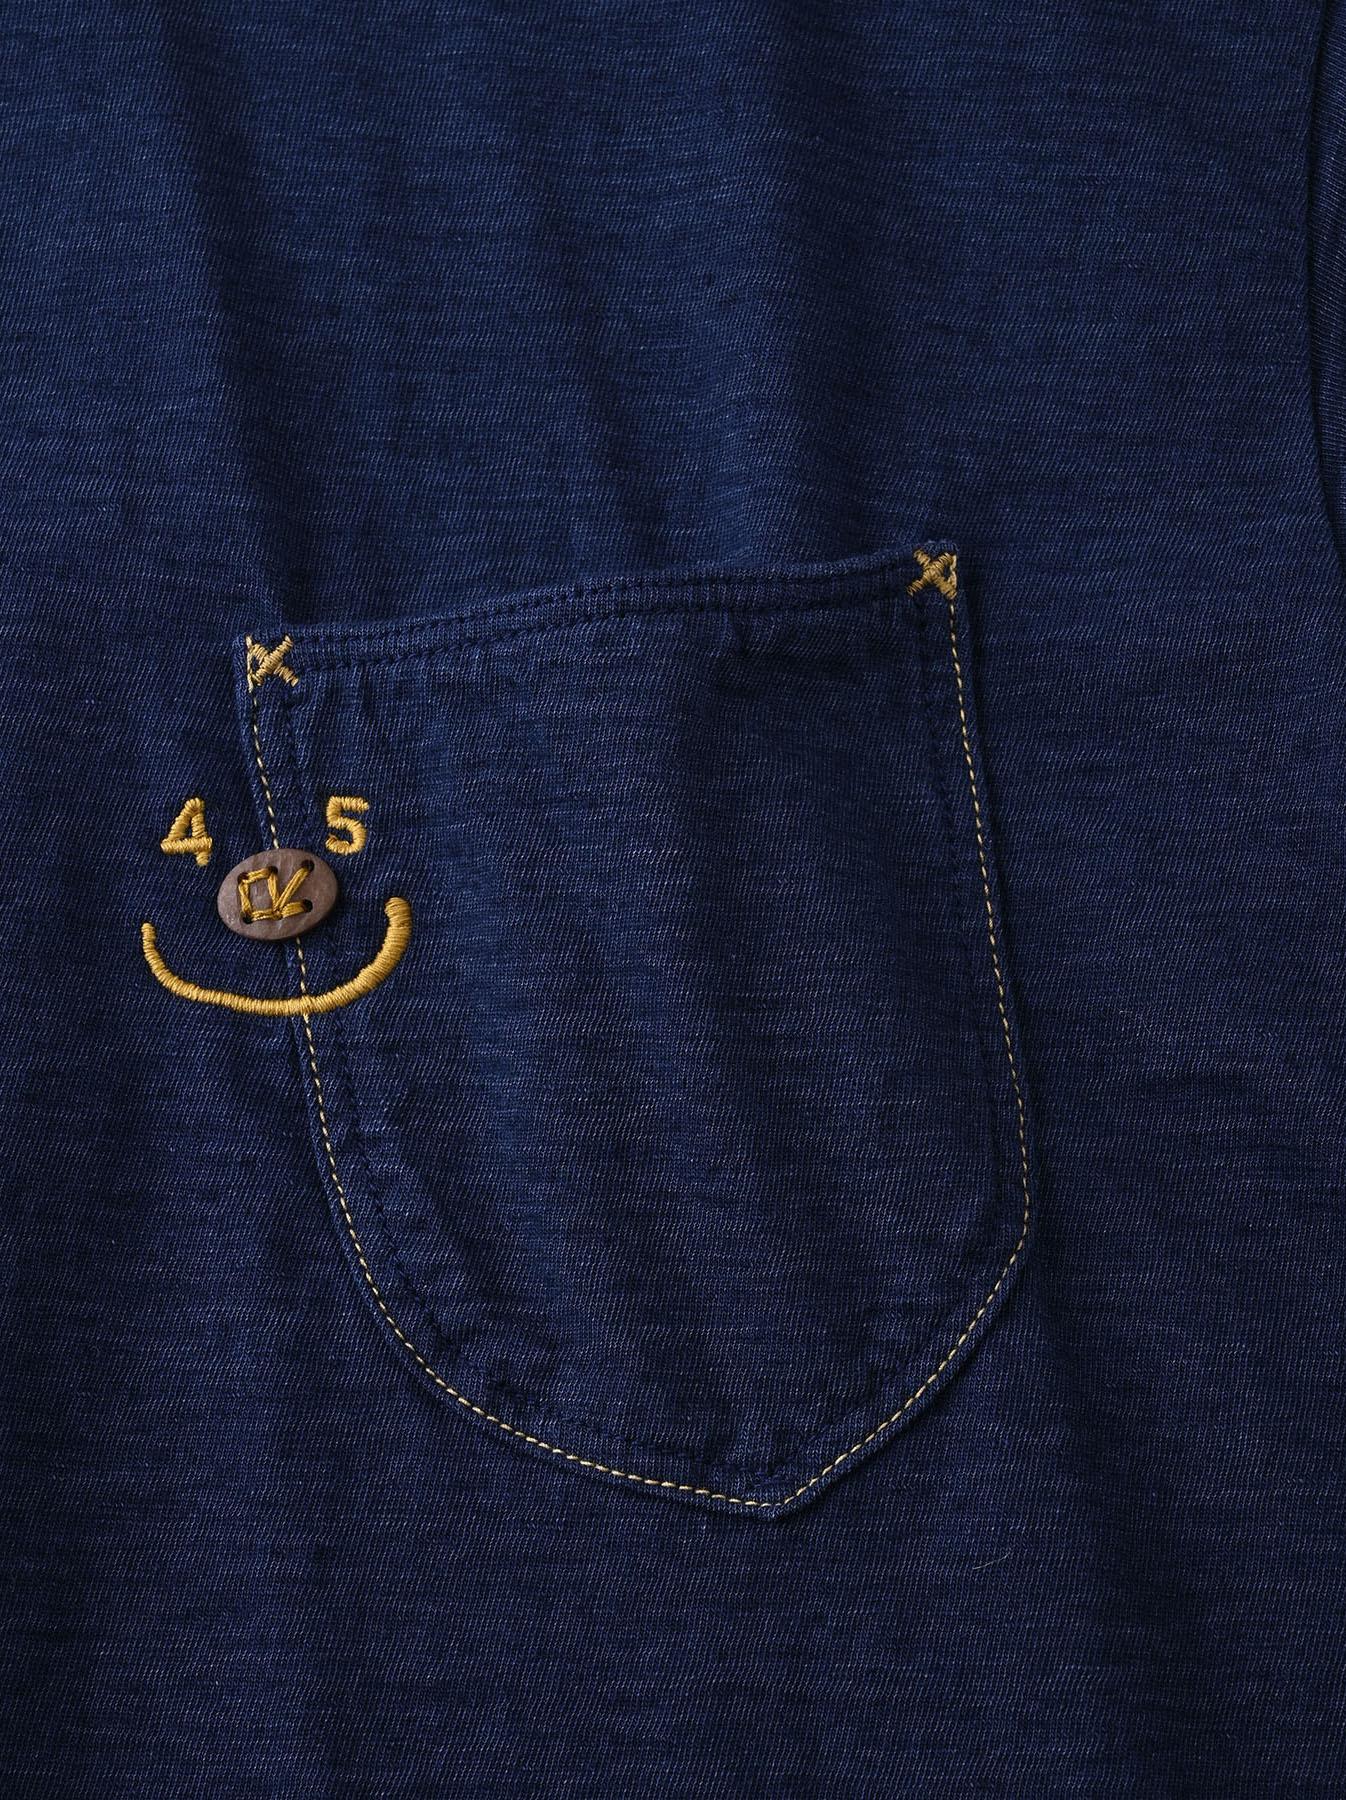 Indigo Smile R Embroidery 908 Ocean T-shirt (0621)-7